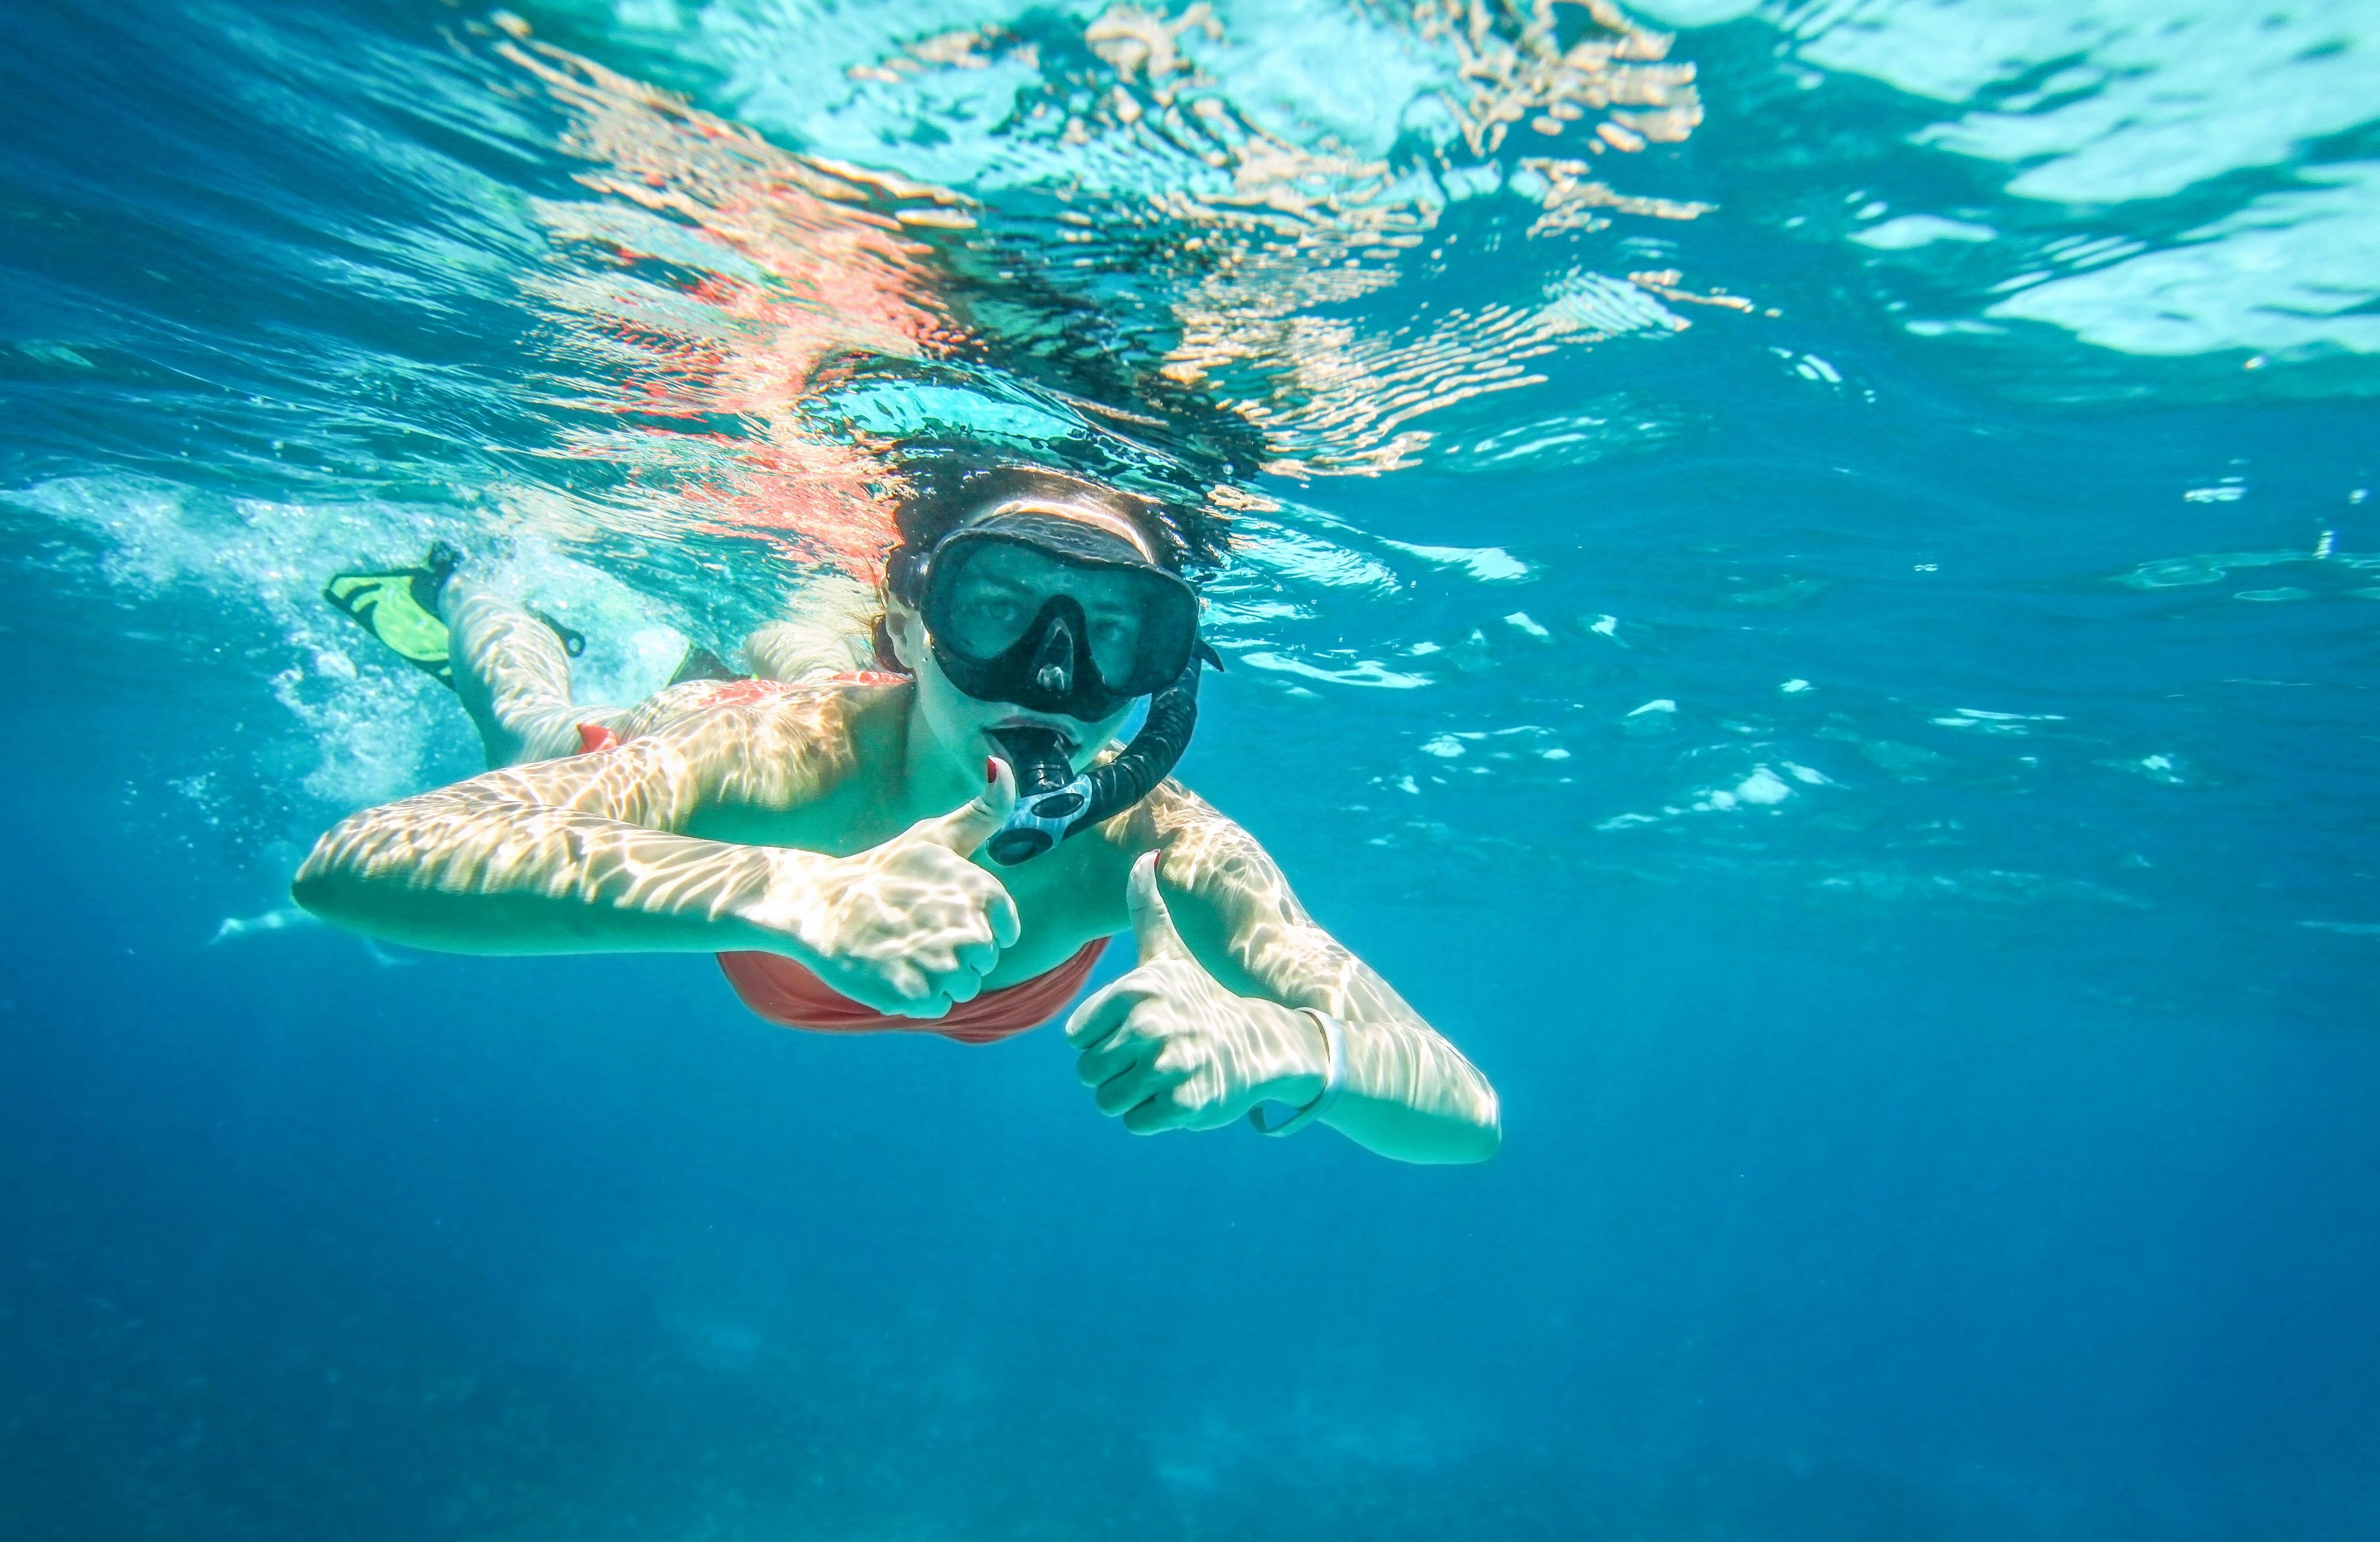 1599802085_snorkeling4_(1).jpg